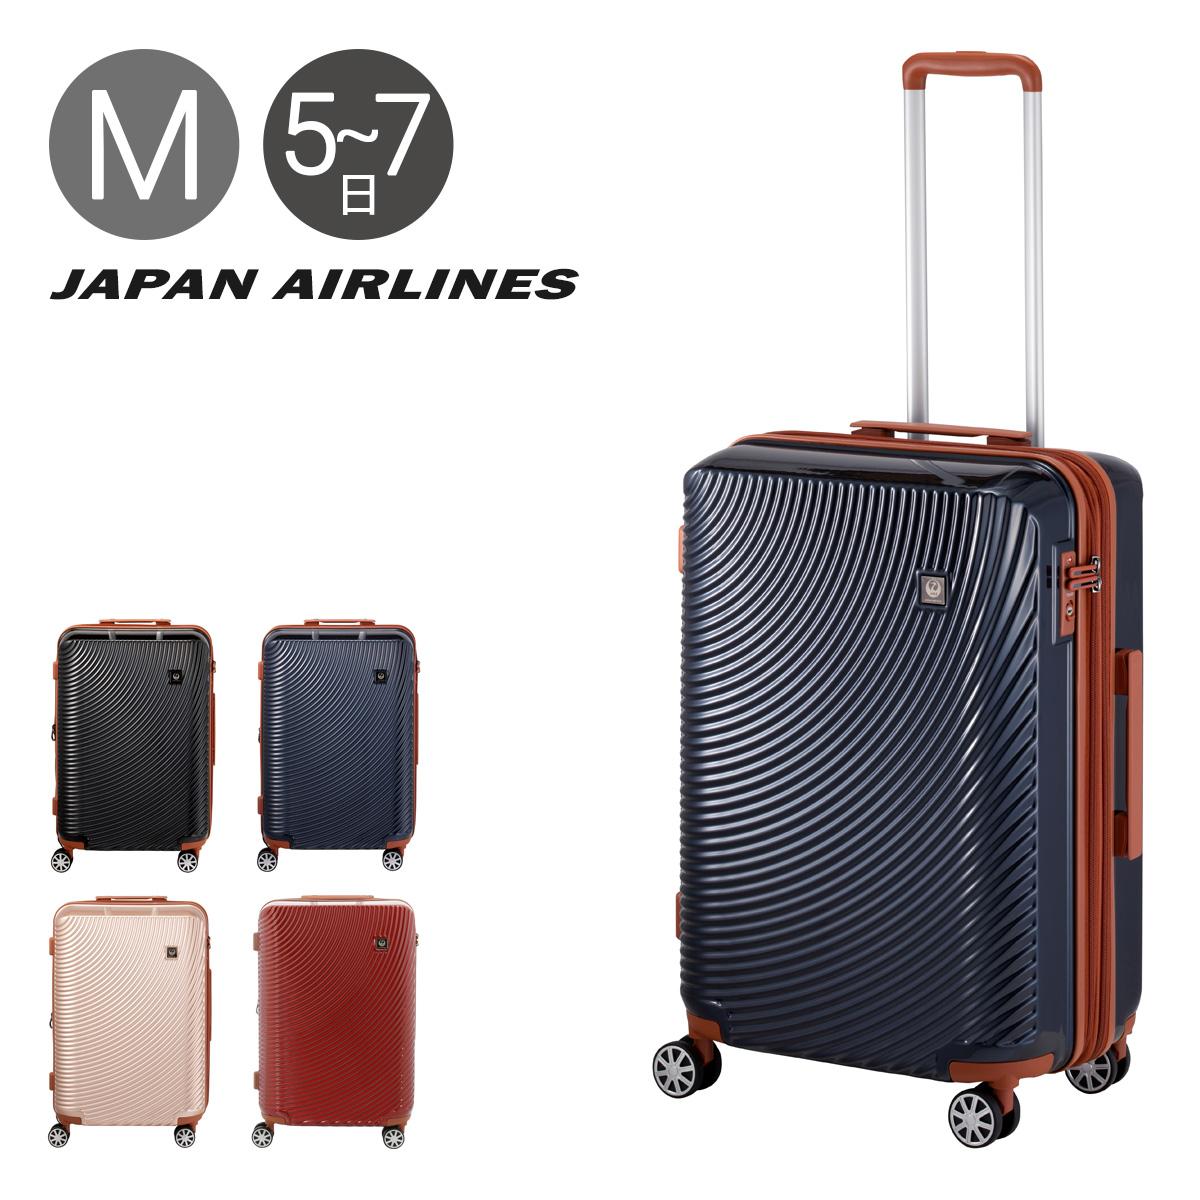 JAL スーツケース 4輪|65L 58cm 3.6kg 601-58|軽量 拡張 ハード ファスナー|ジャル JAPAN AIRLINES ジャパンエアライン|TSAロック搭載 おしゃれ キャリーバッグ キャリーケース[PO10][即日発送]